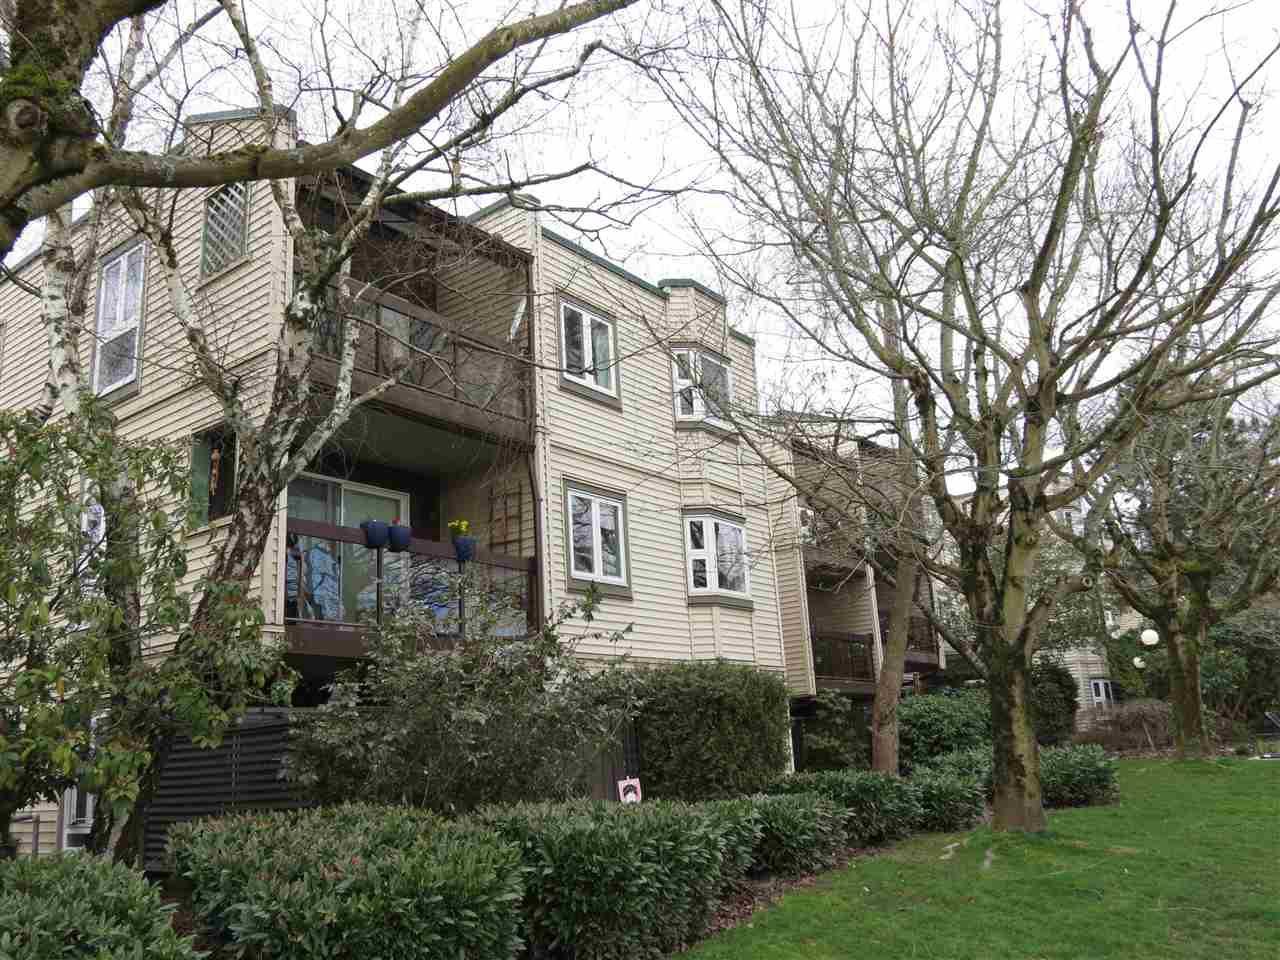 """Main Photo: 304 1429 E 4TH Avenue in Vancouver: Grandview VE Condo for sale in """"Sandcastle Villa"""" (Vancouver East)  : MLS®# R2149999"""